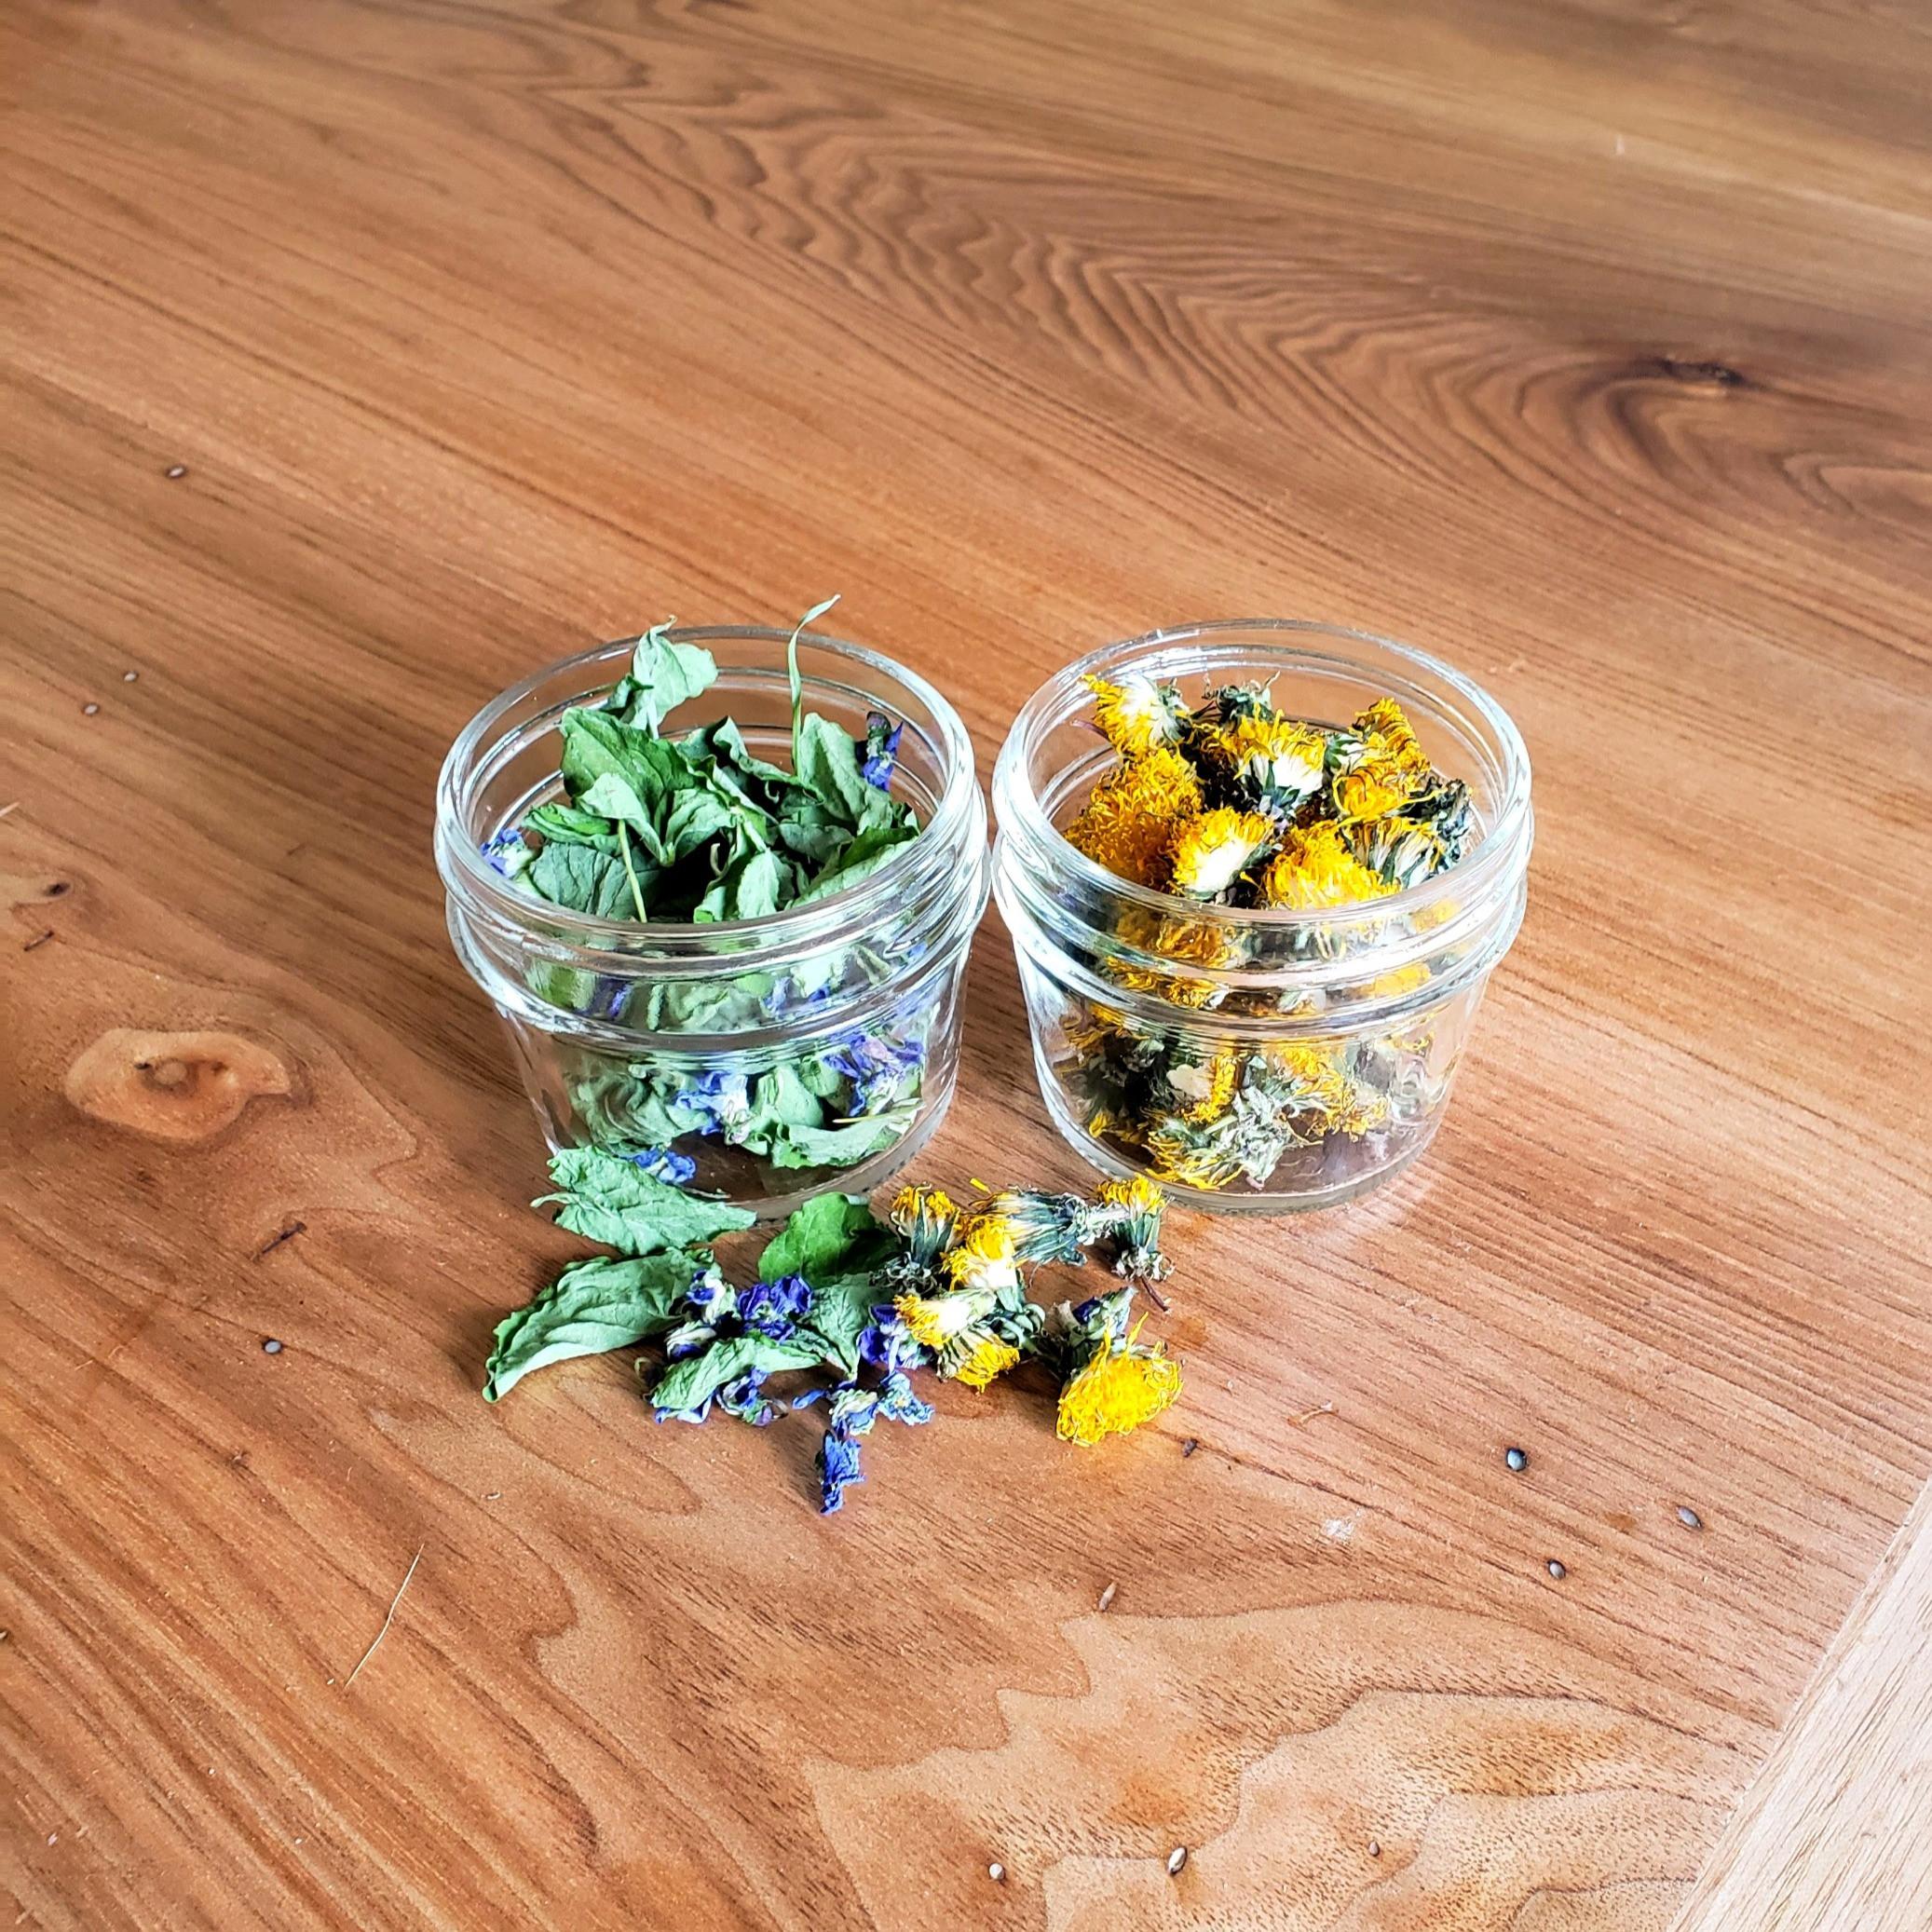 Workshop #1 Herbal Infused Oils